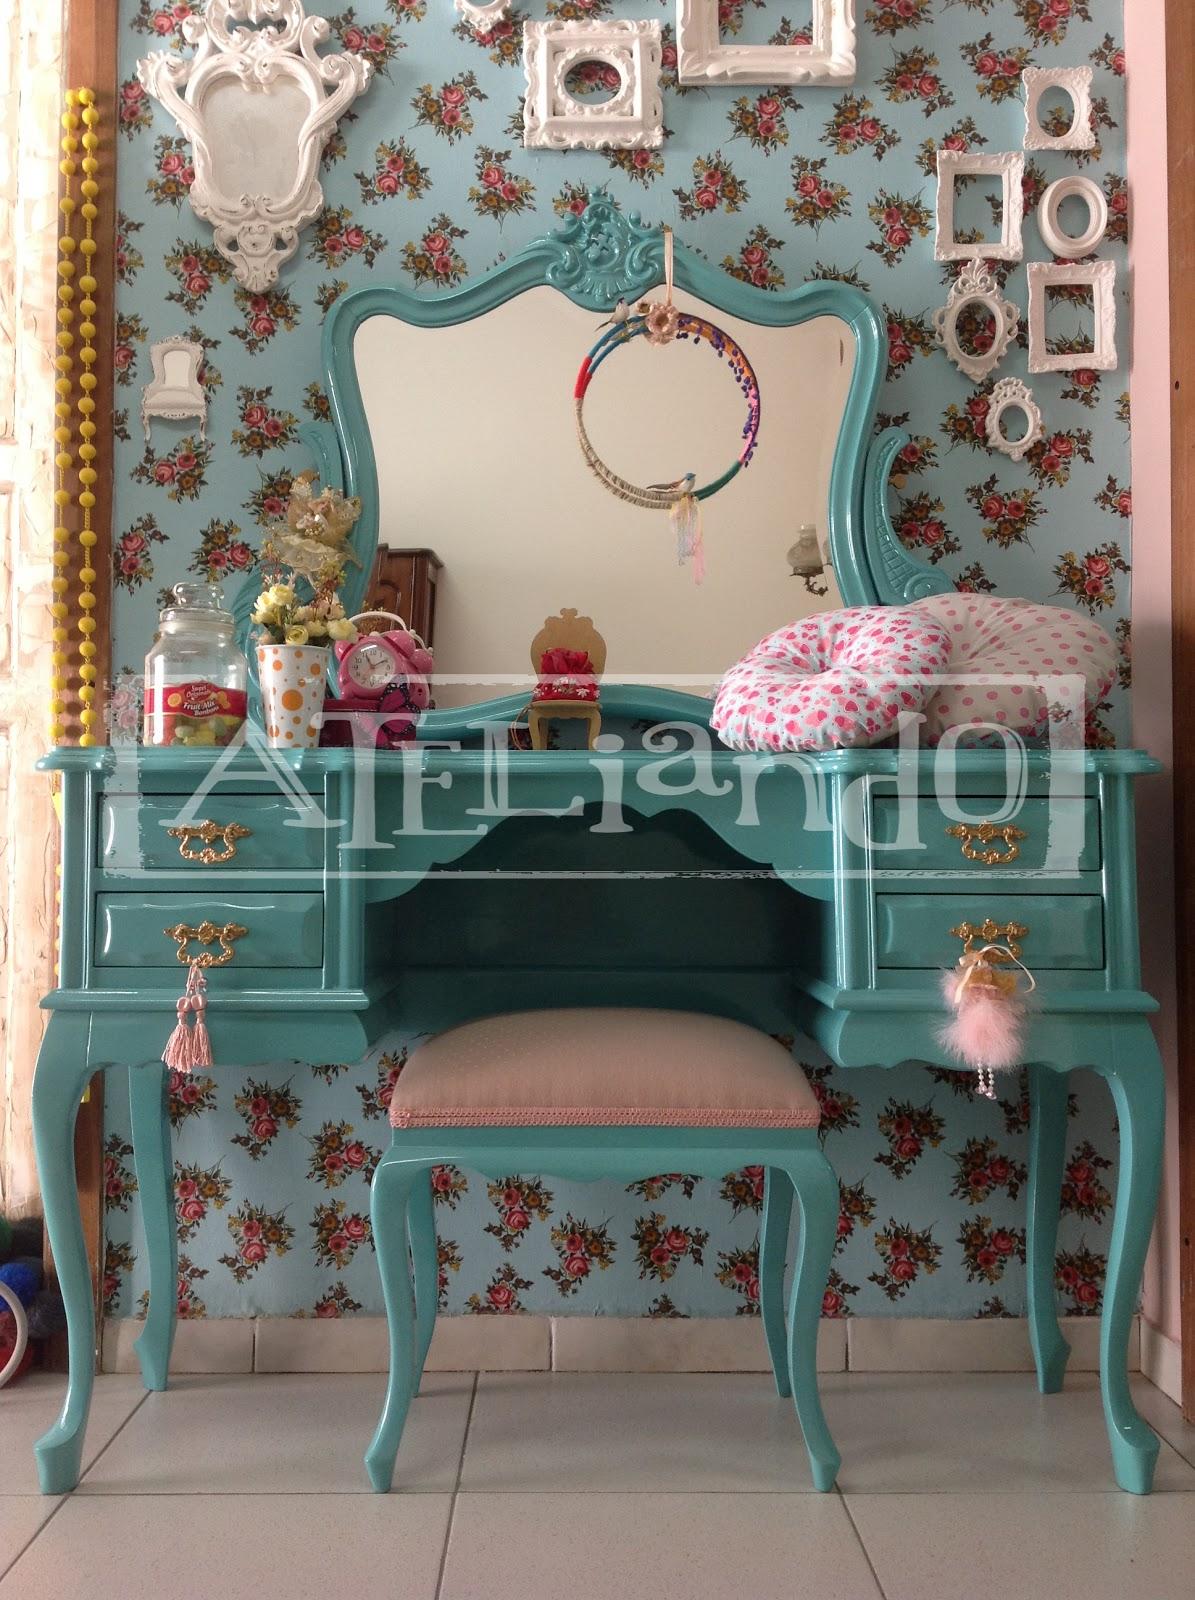 Ateliando Customização de móveis antigos: Penteadeira Tiffany for  #8B6140 1195x1600